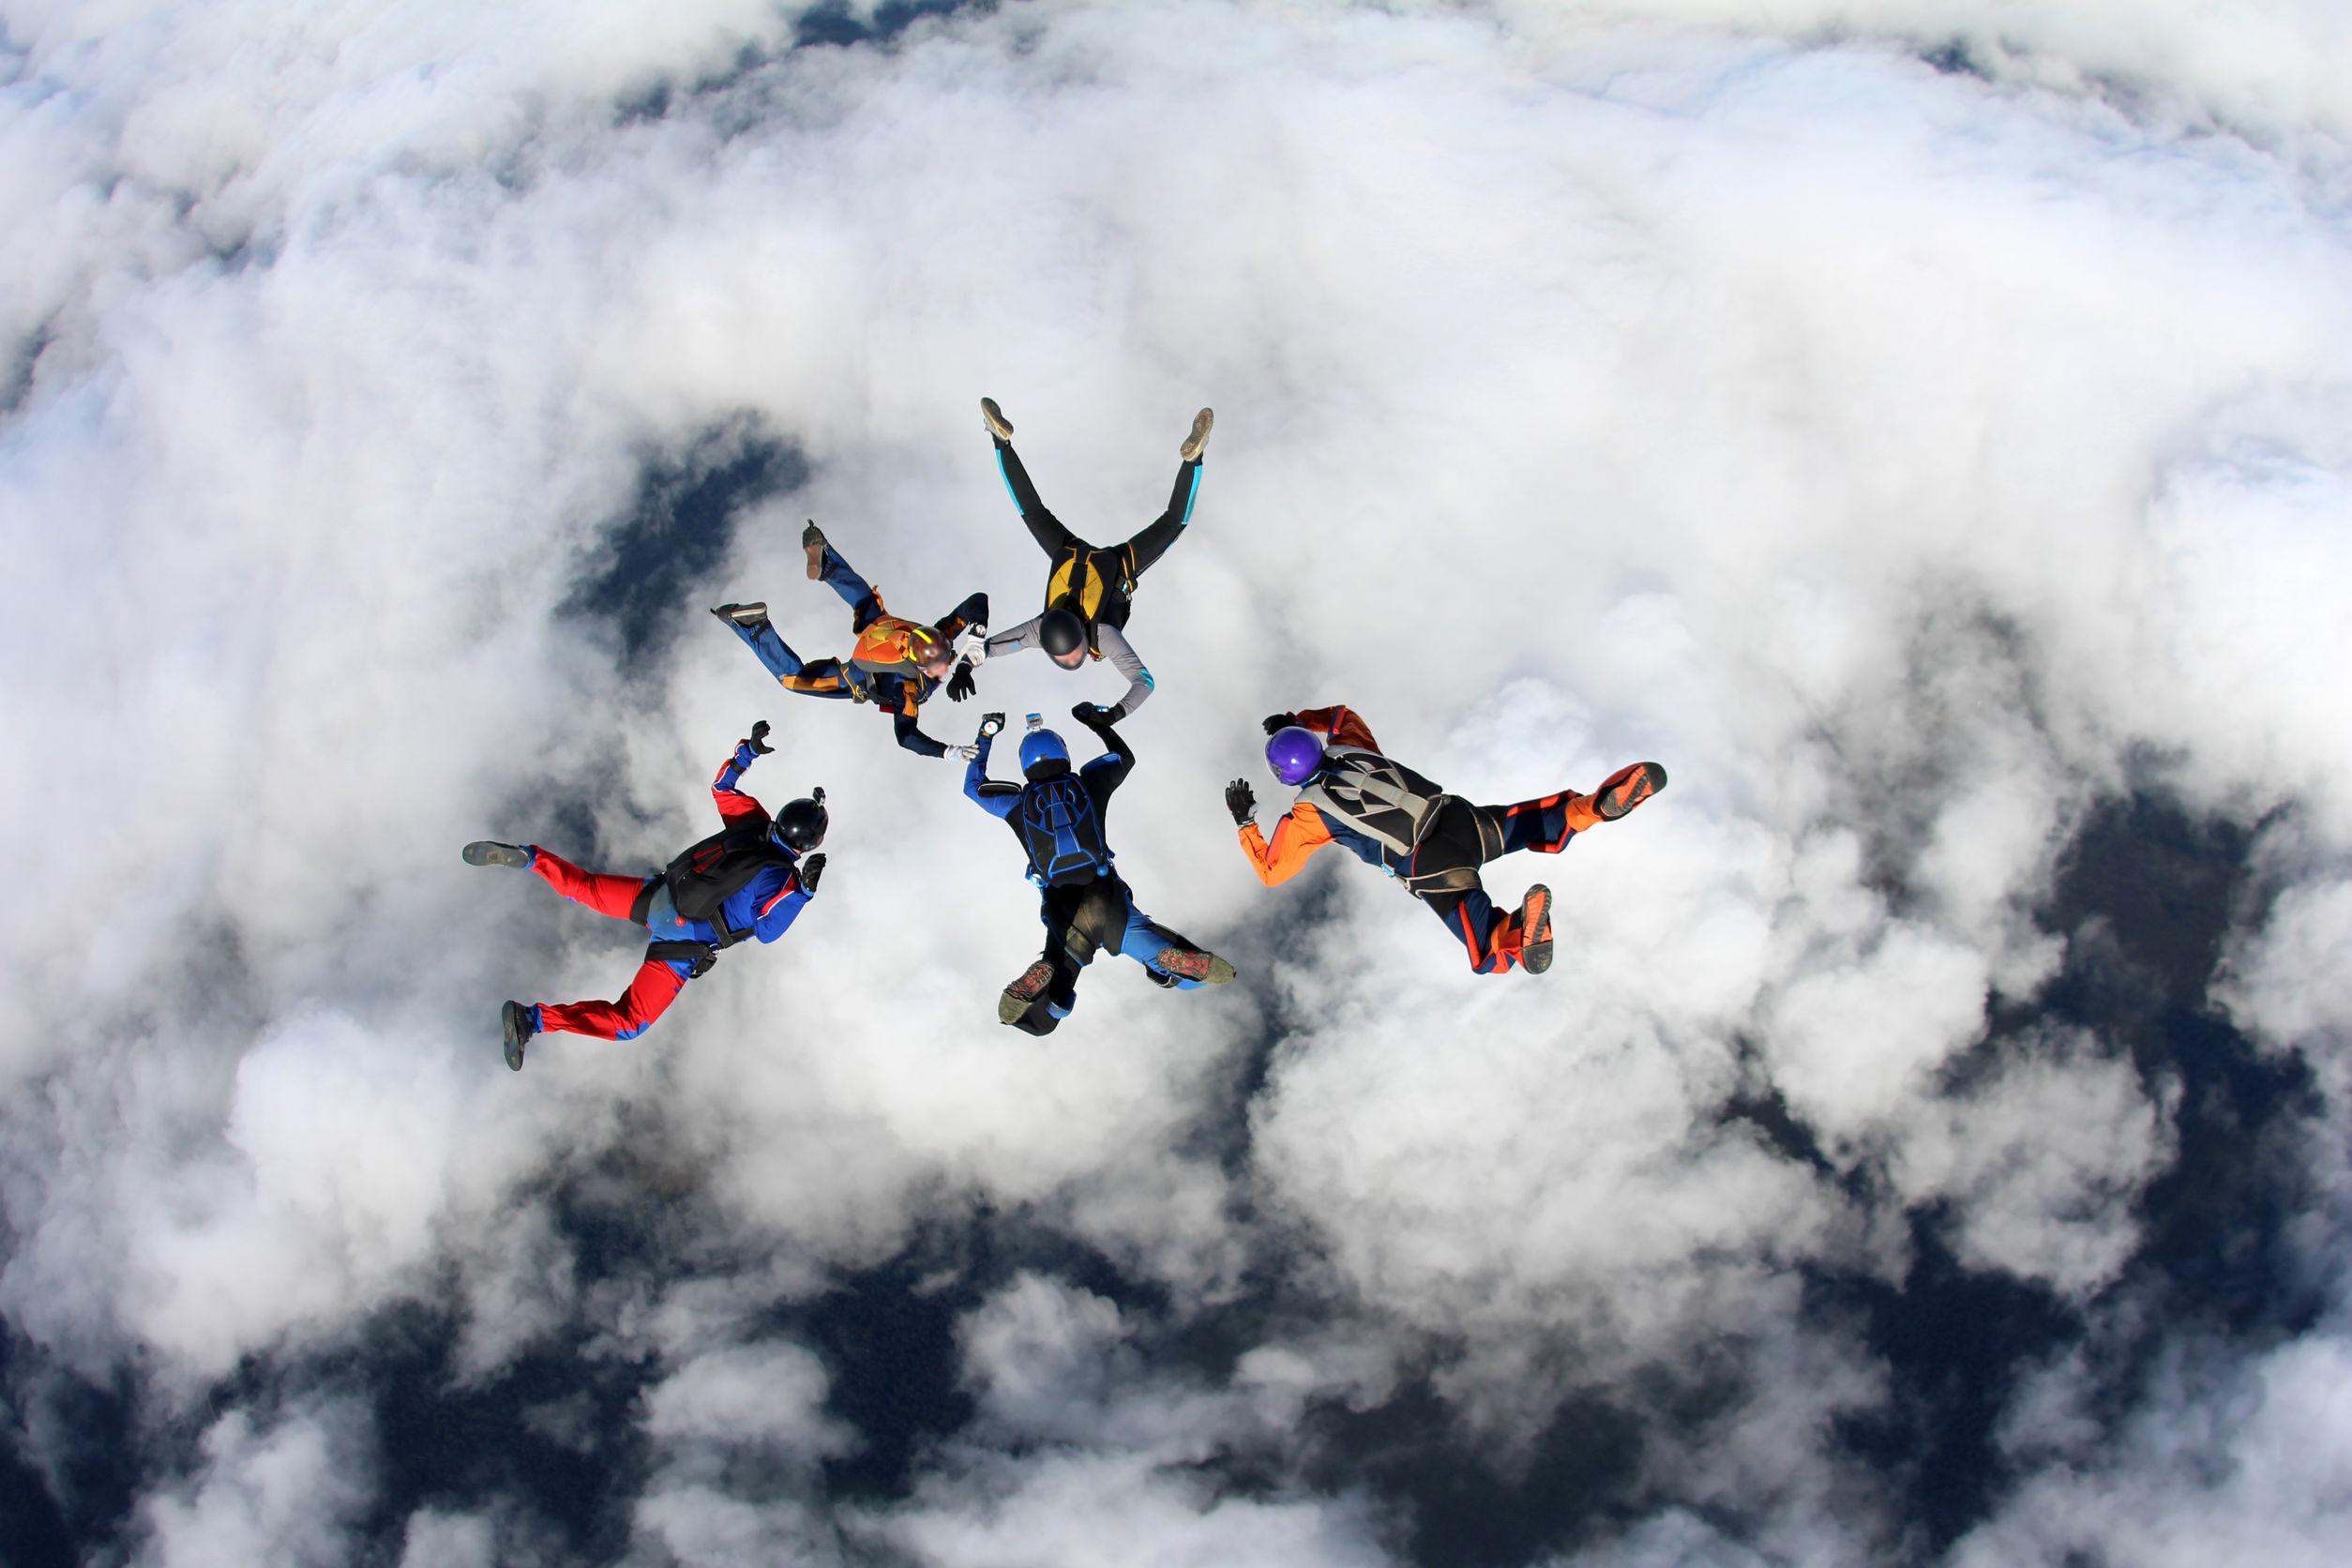 Adrenalin pflanzlich senken: Die wichtigsten Fragen und Antworten